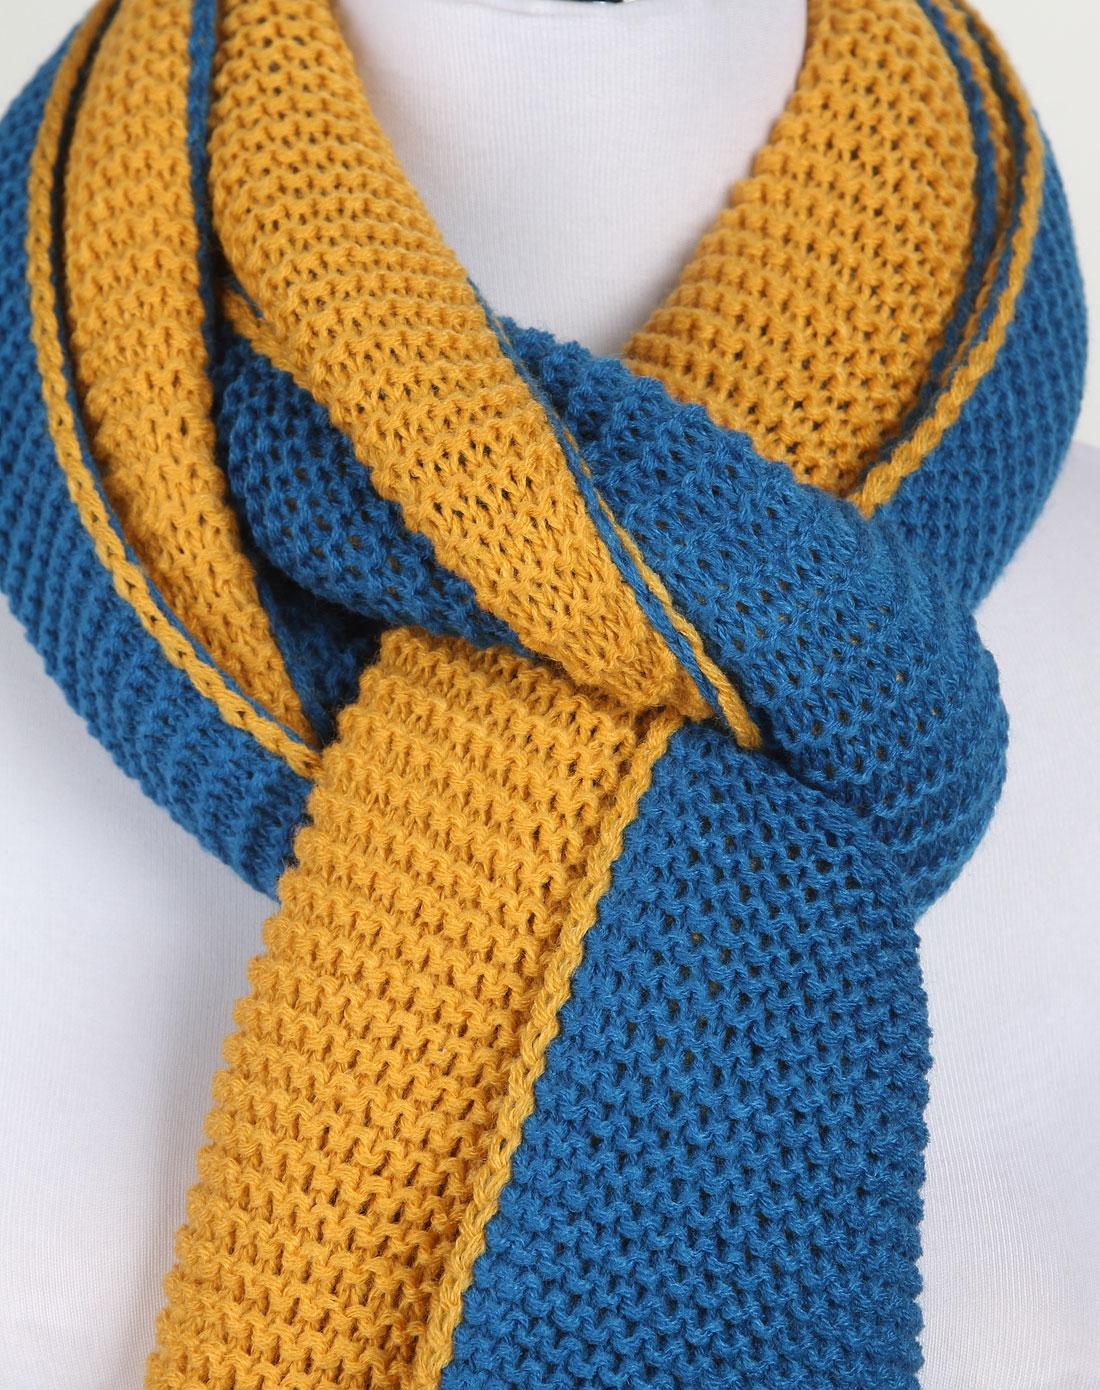 蓝橙色经典编织围巾